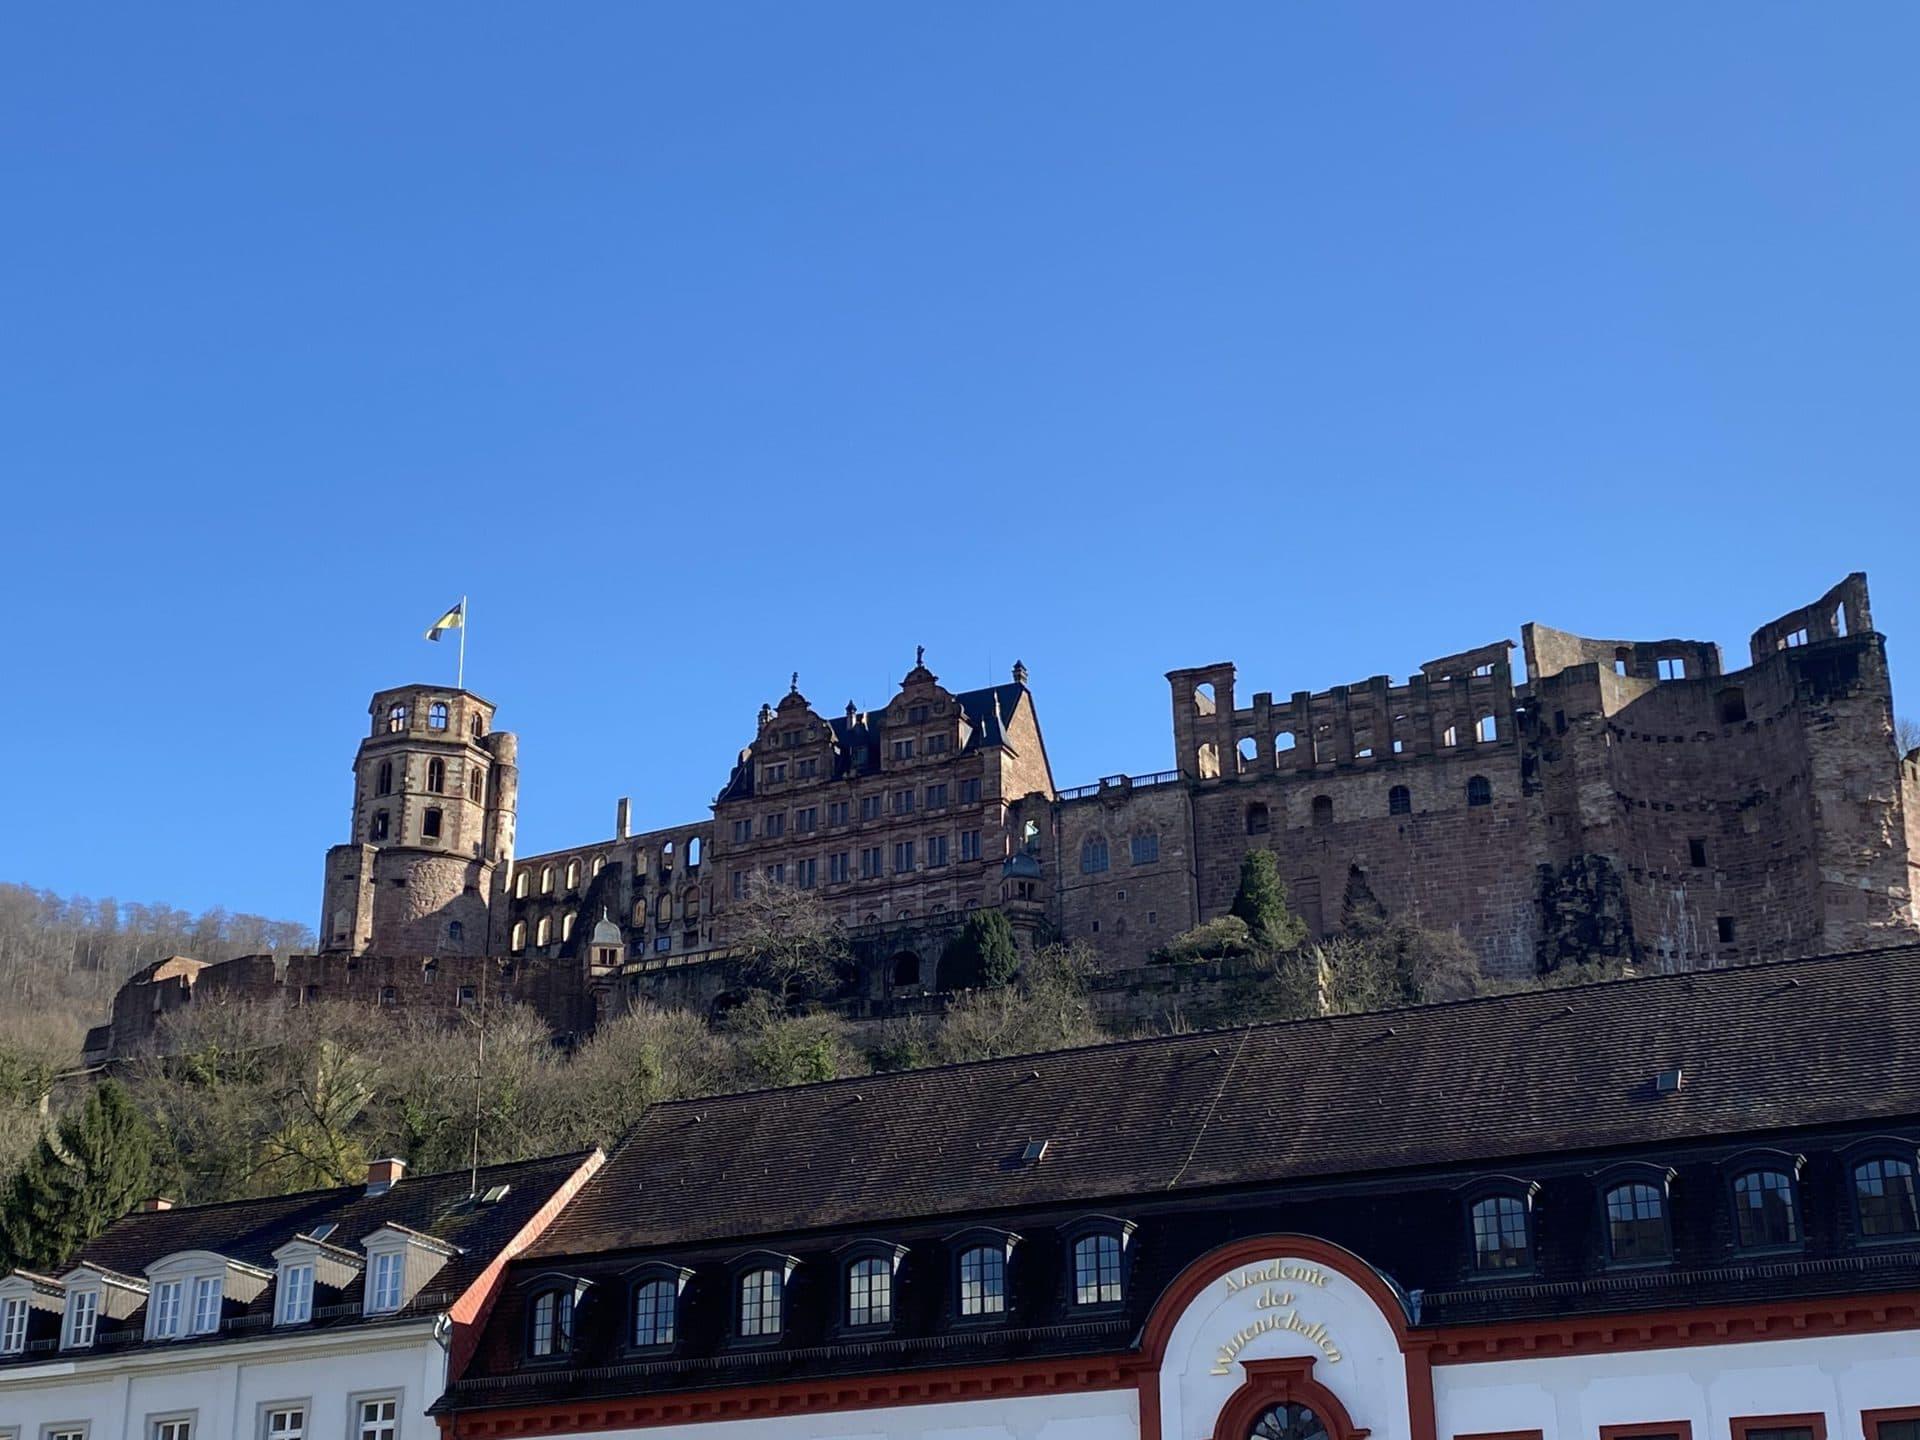 Schlossblick Karlsplatz